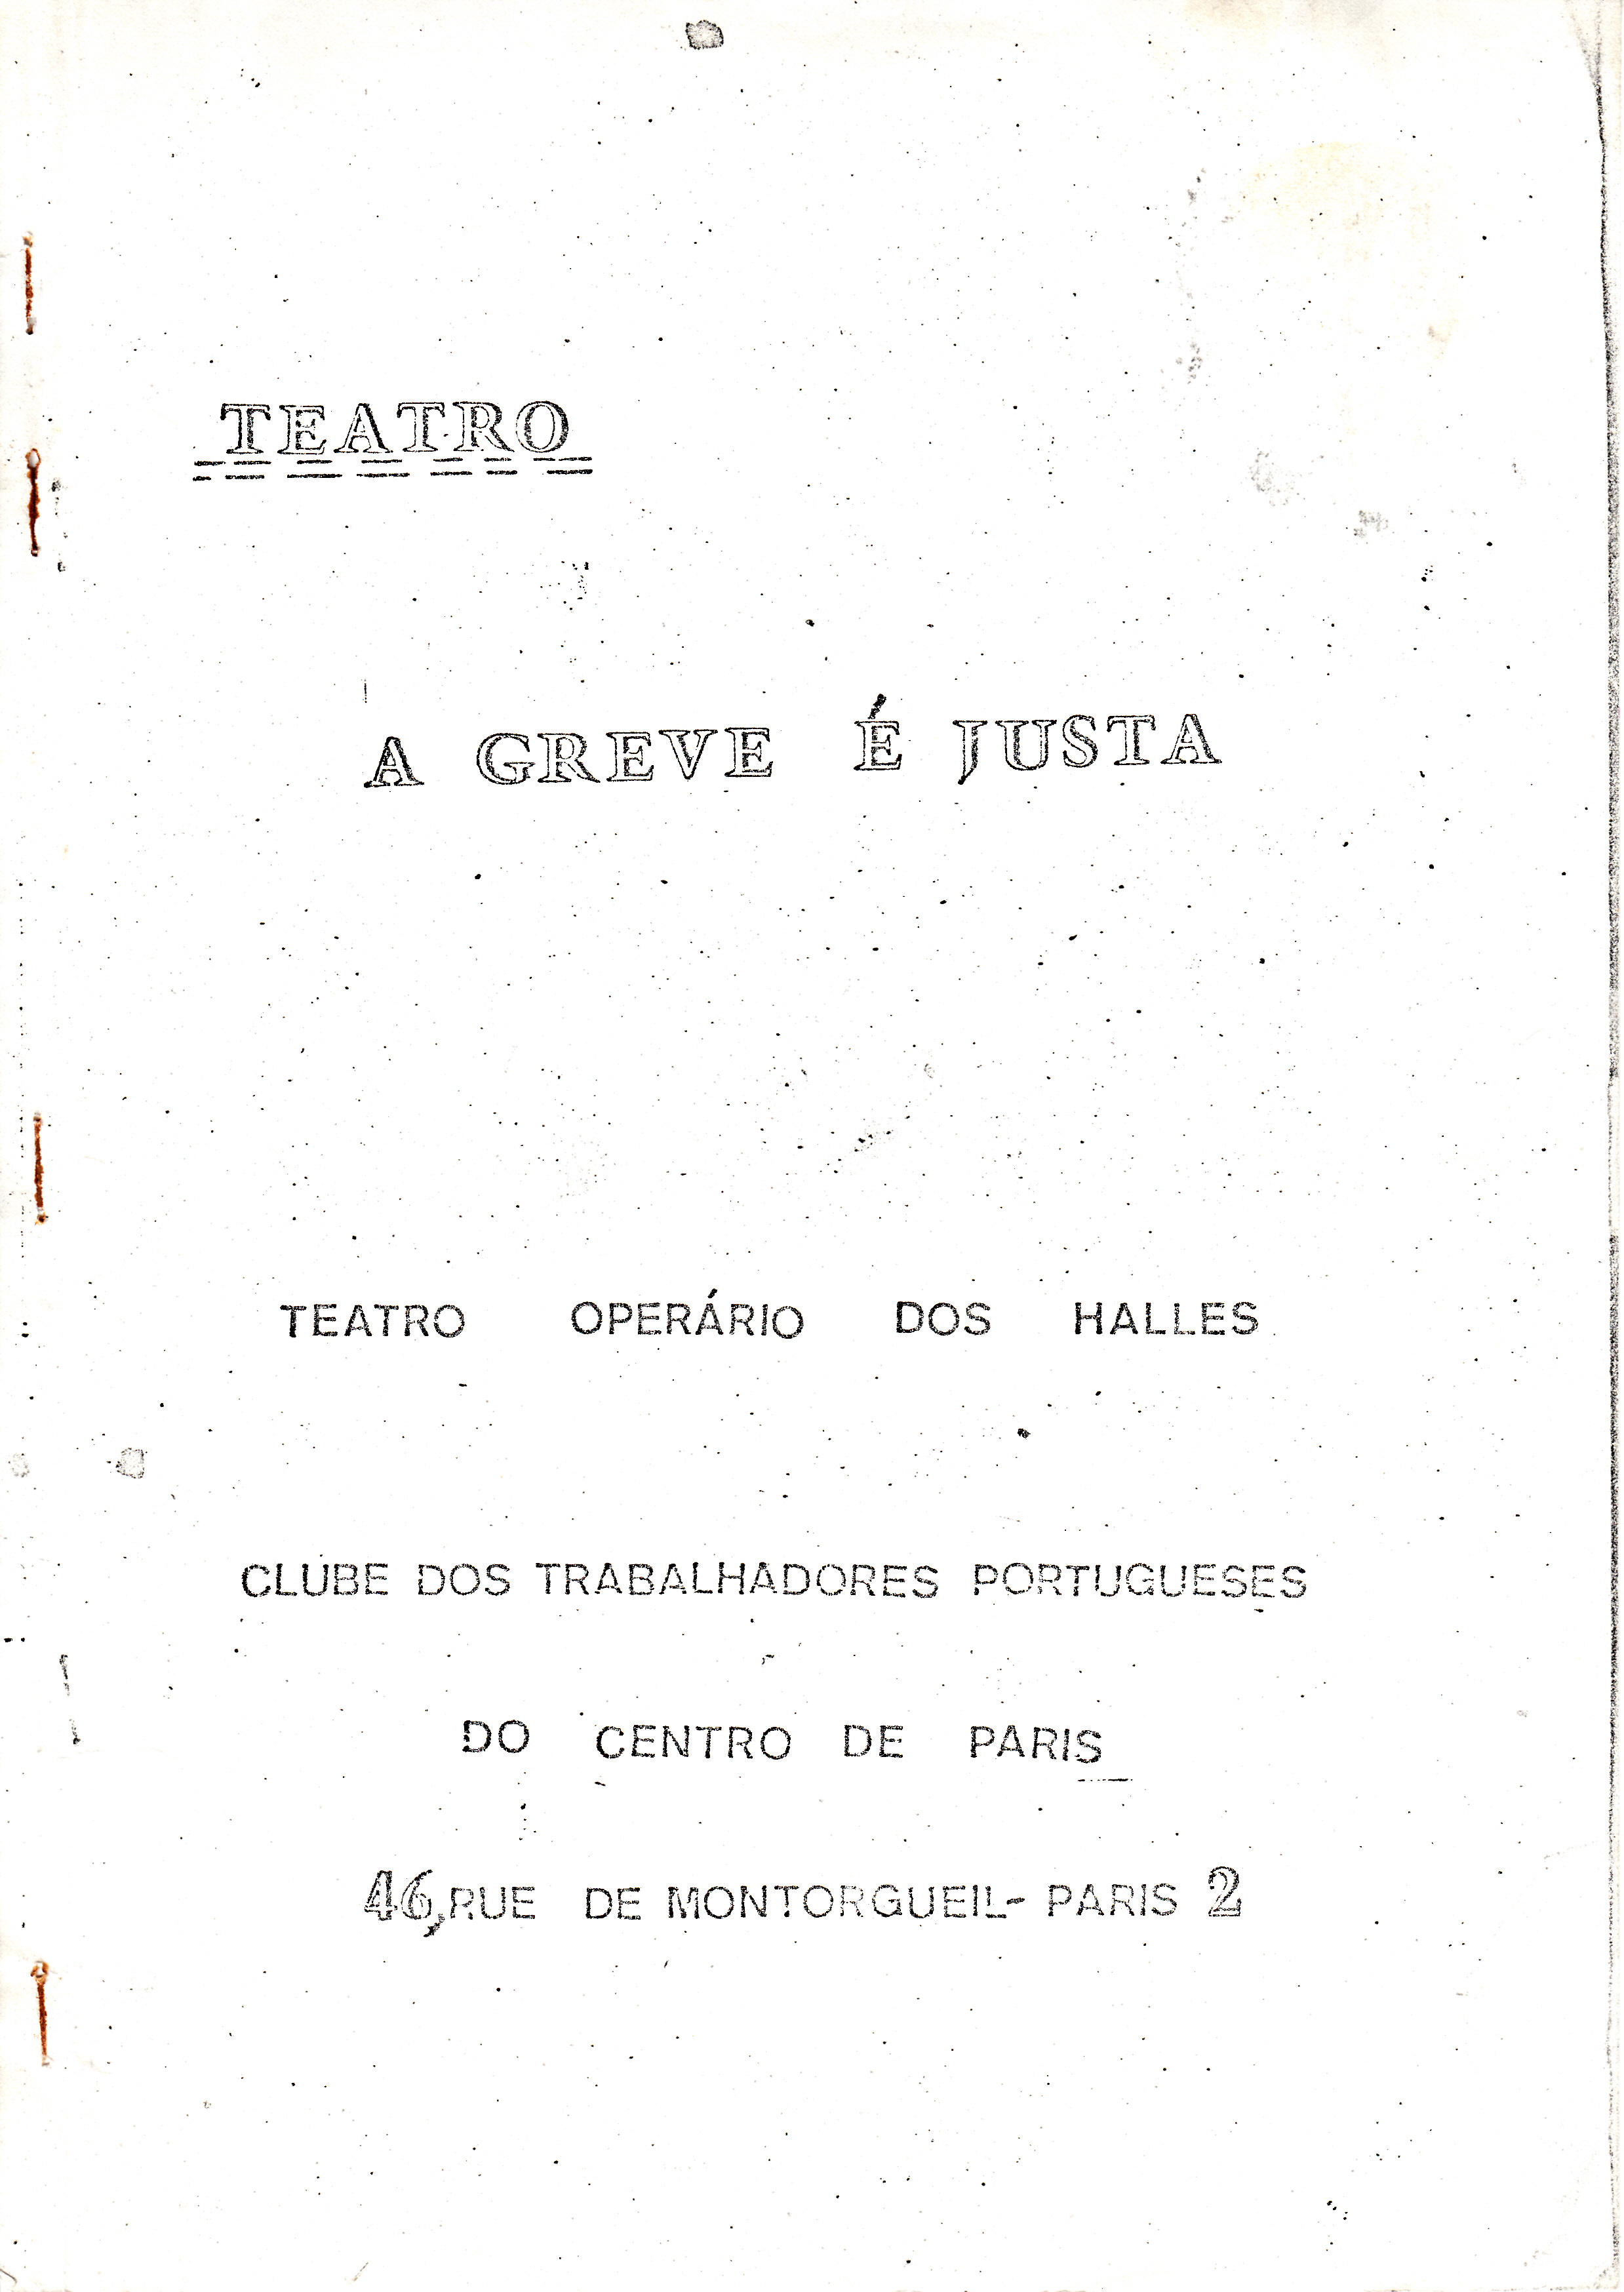 Teatro_Operario_Halles